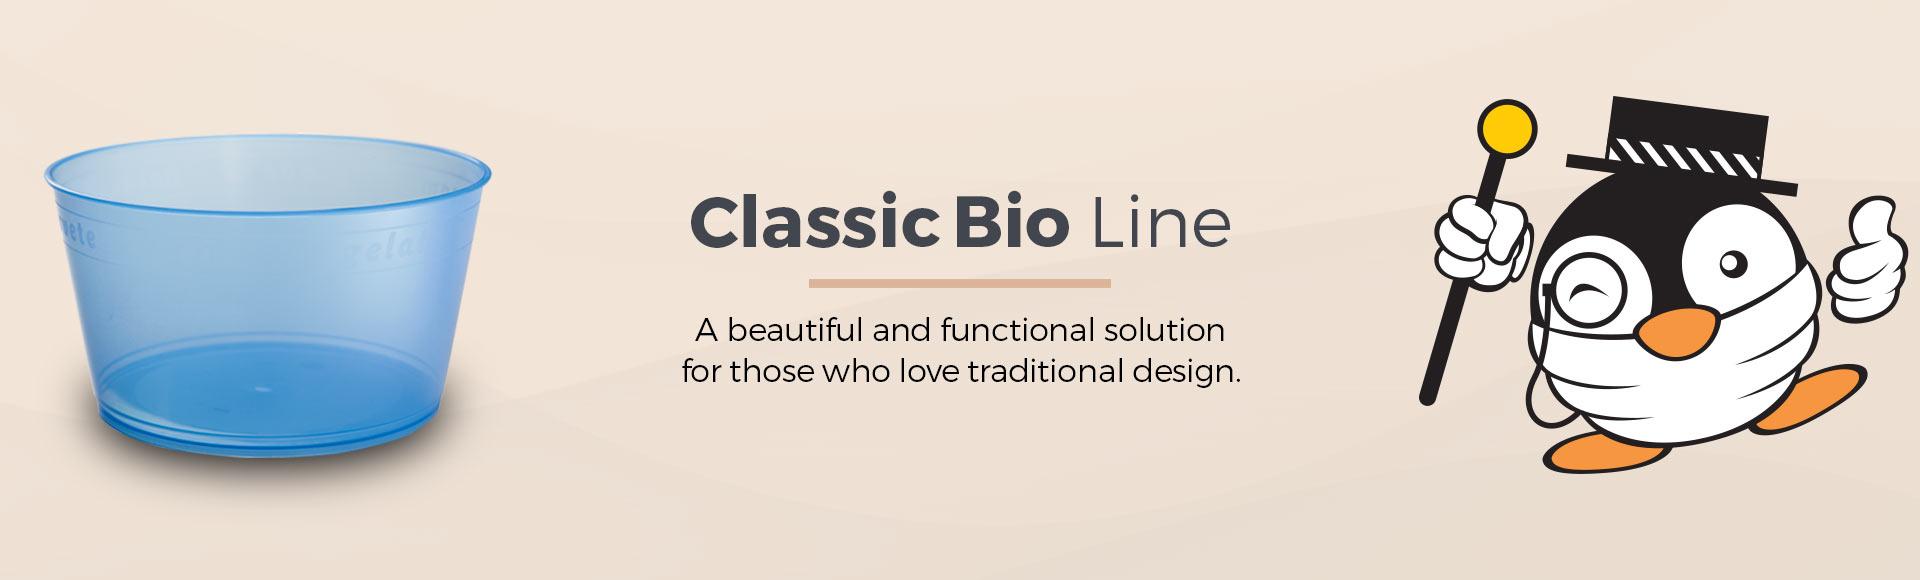 en-header-linea-bio-classica